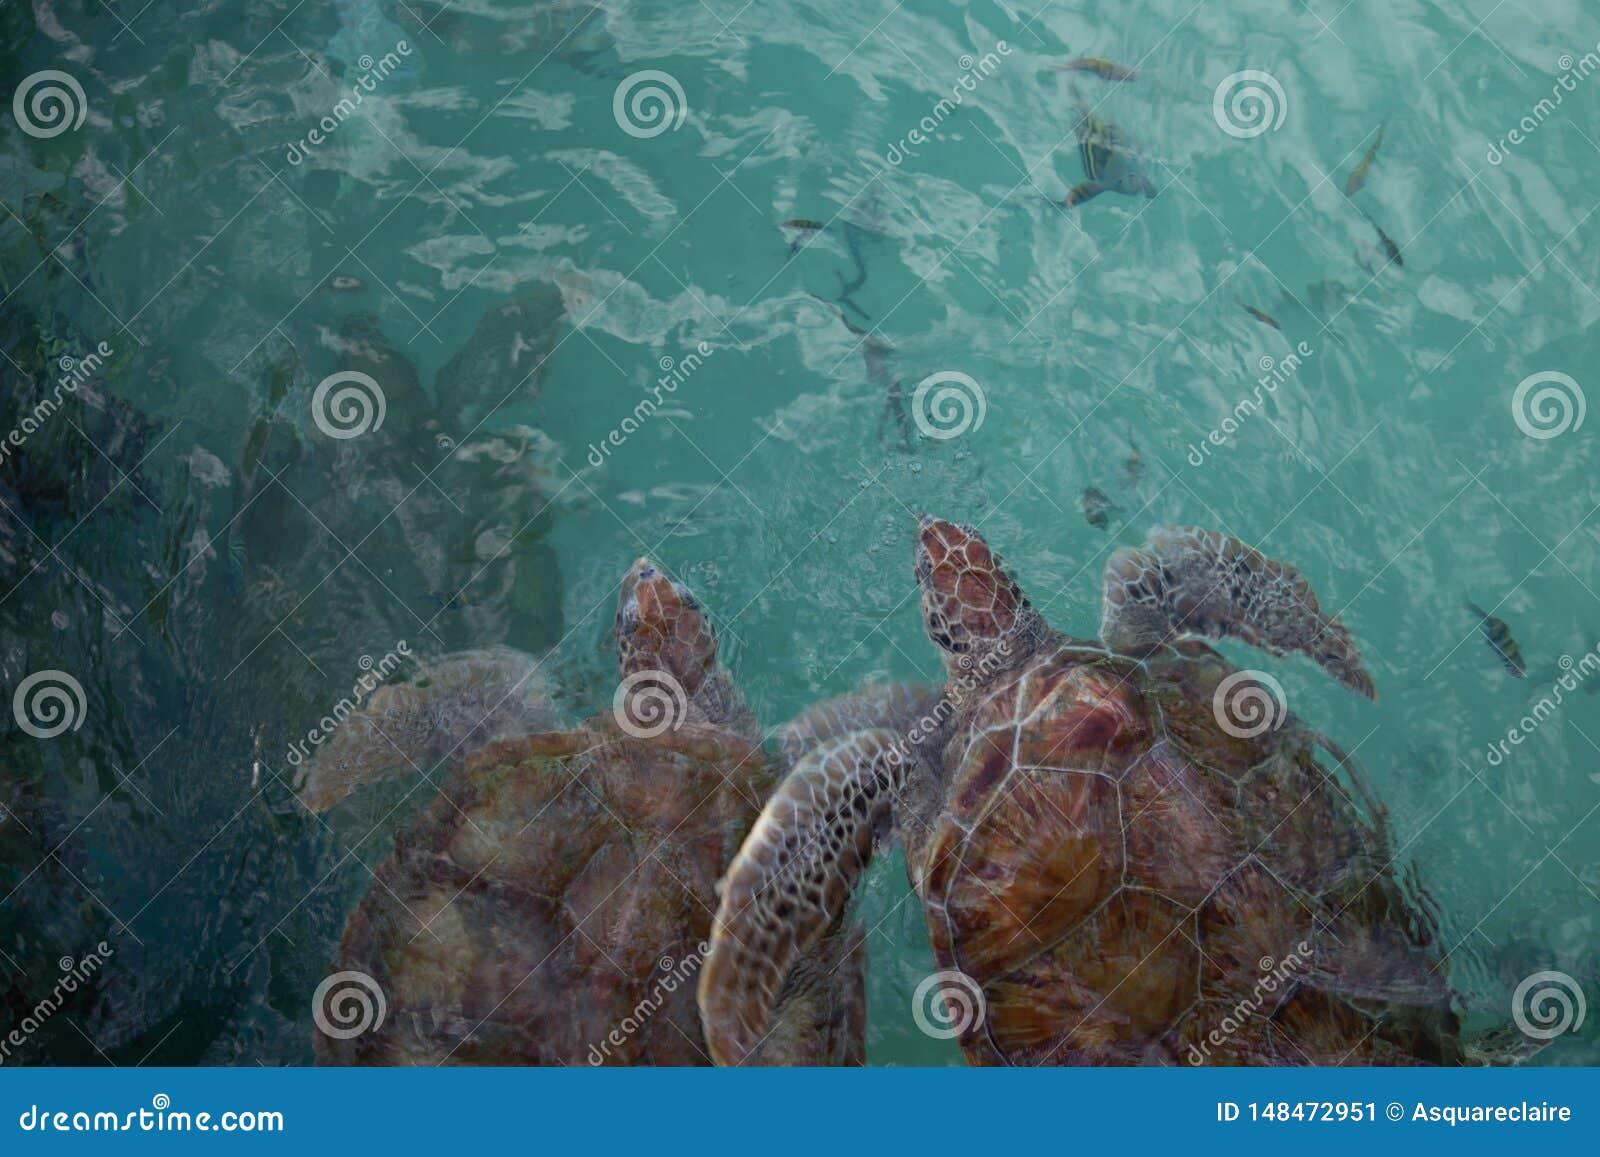 Hoogste mening van twee roodachtige bruine zeeschildpadden die als paar zwemmen onderwater